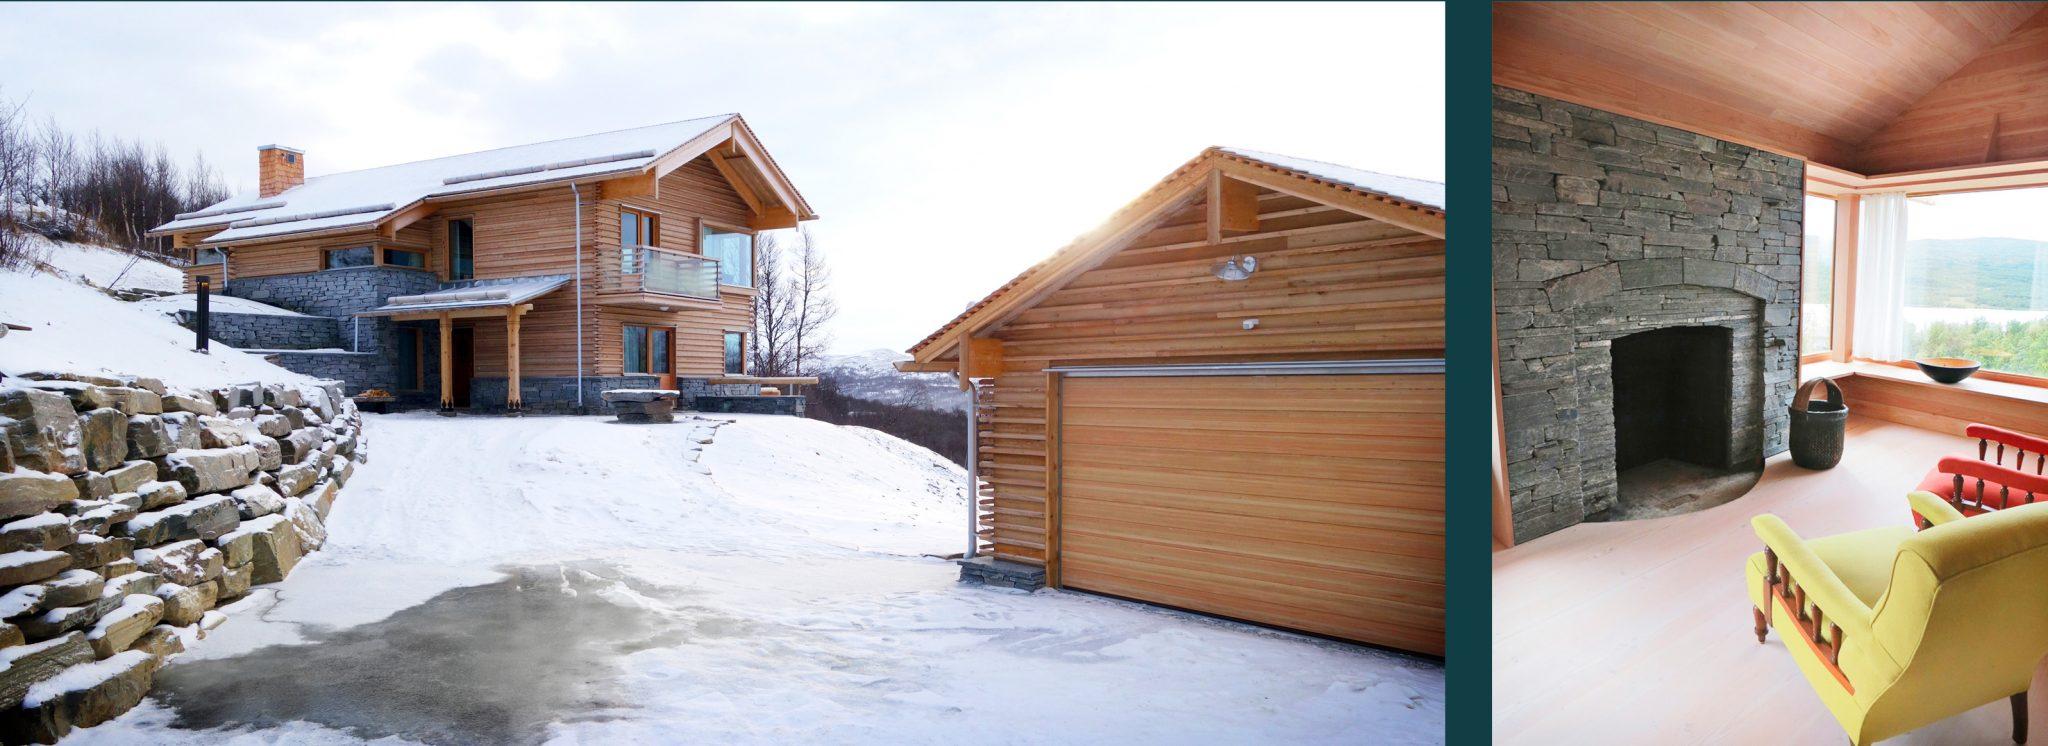 Nybyggnation av fjällvilla av Rex Arkitektbyrå. Vy från infarten och i vardagsrummet